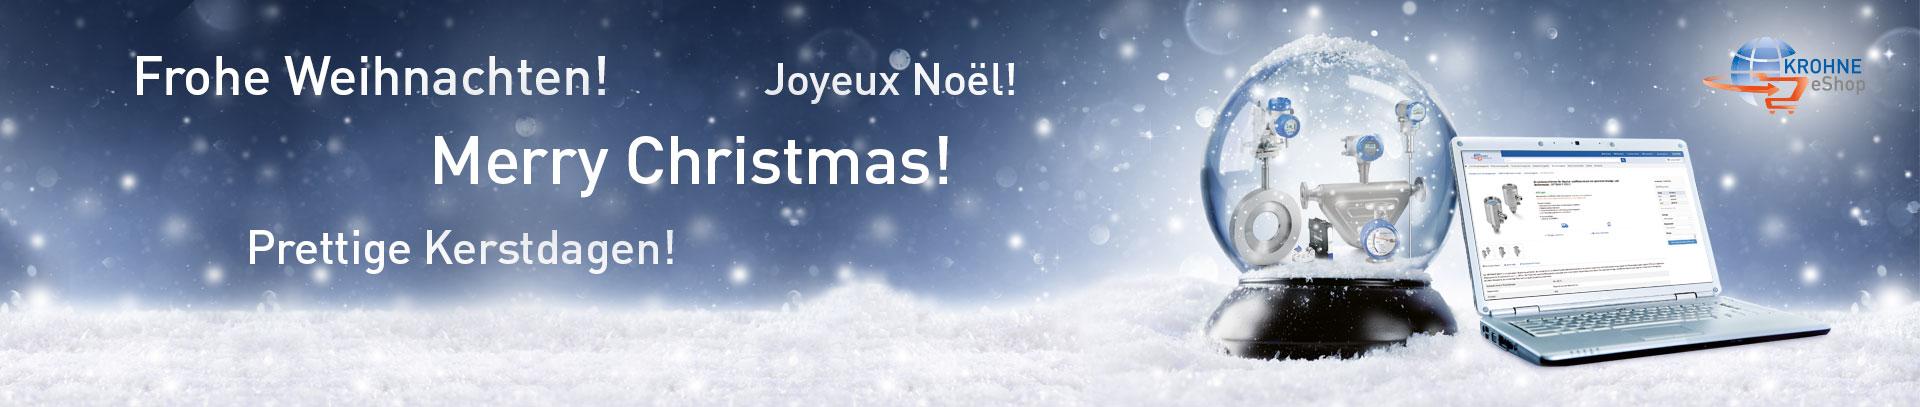 eShop_Weihnachten_2018